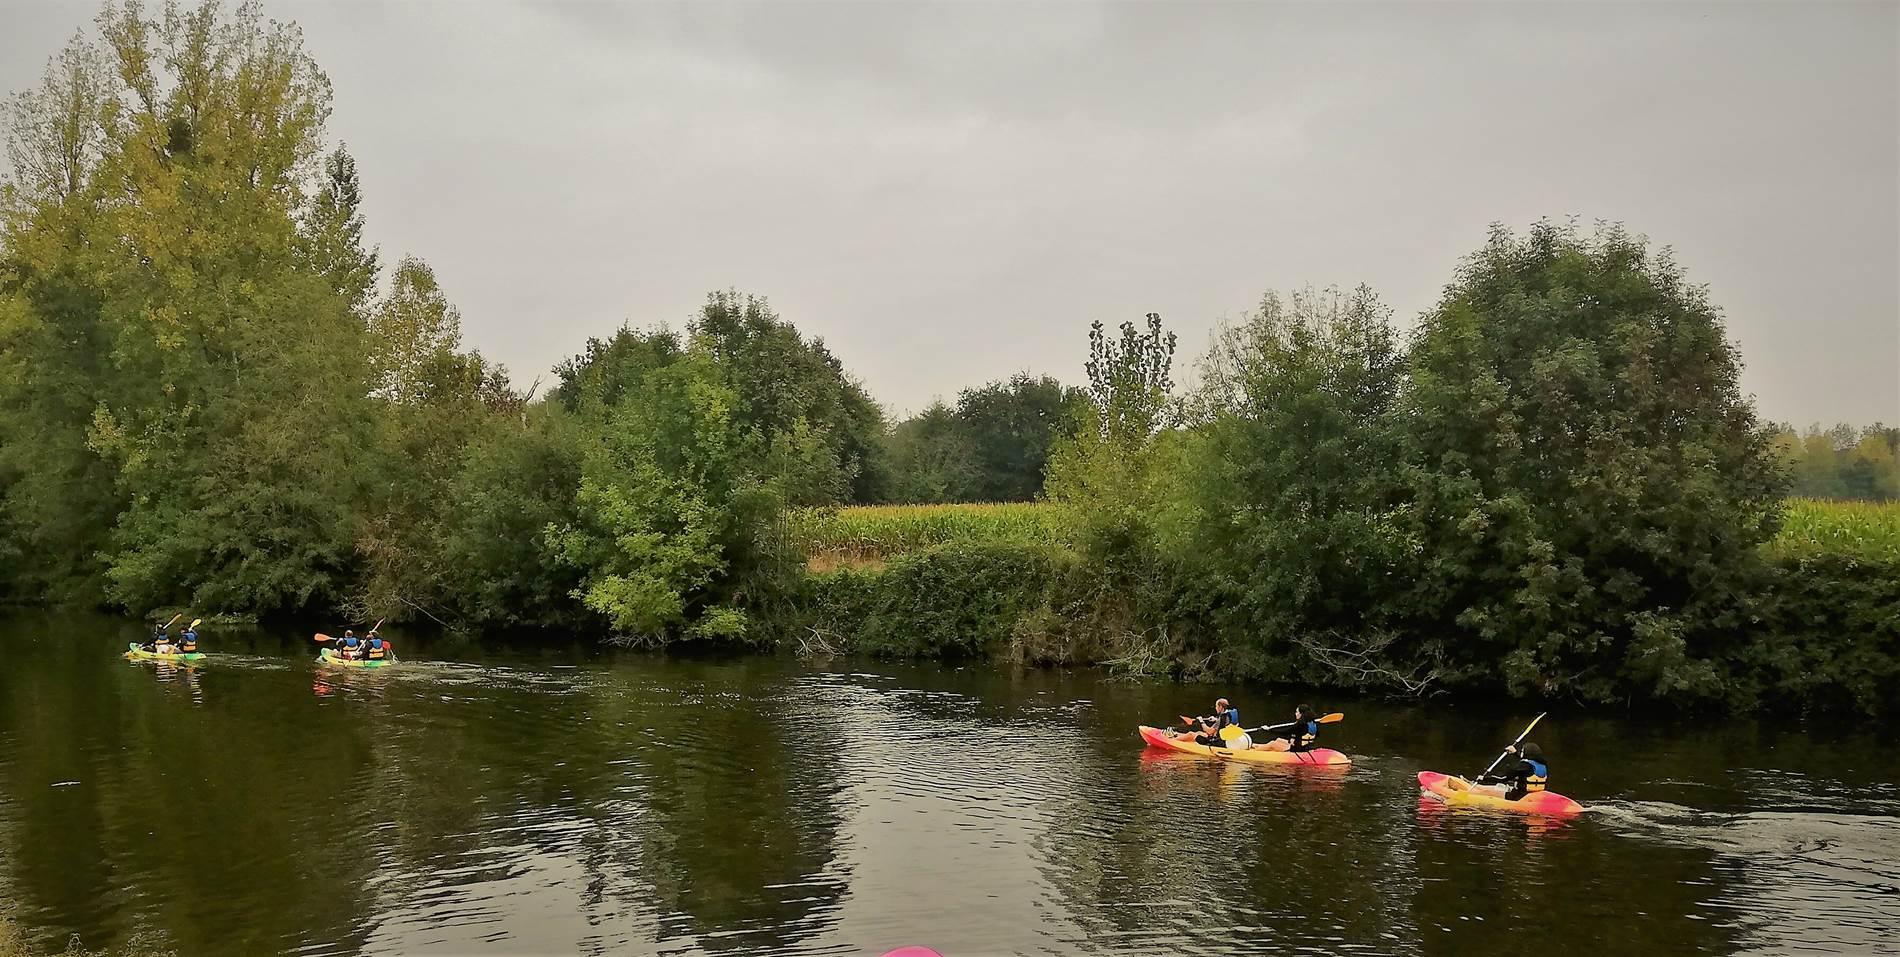 Randonnée kayak ©